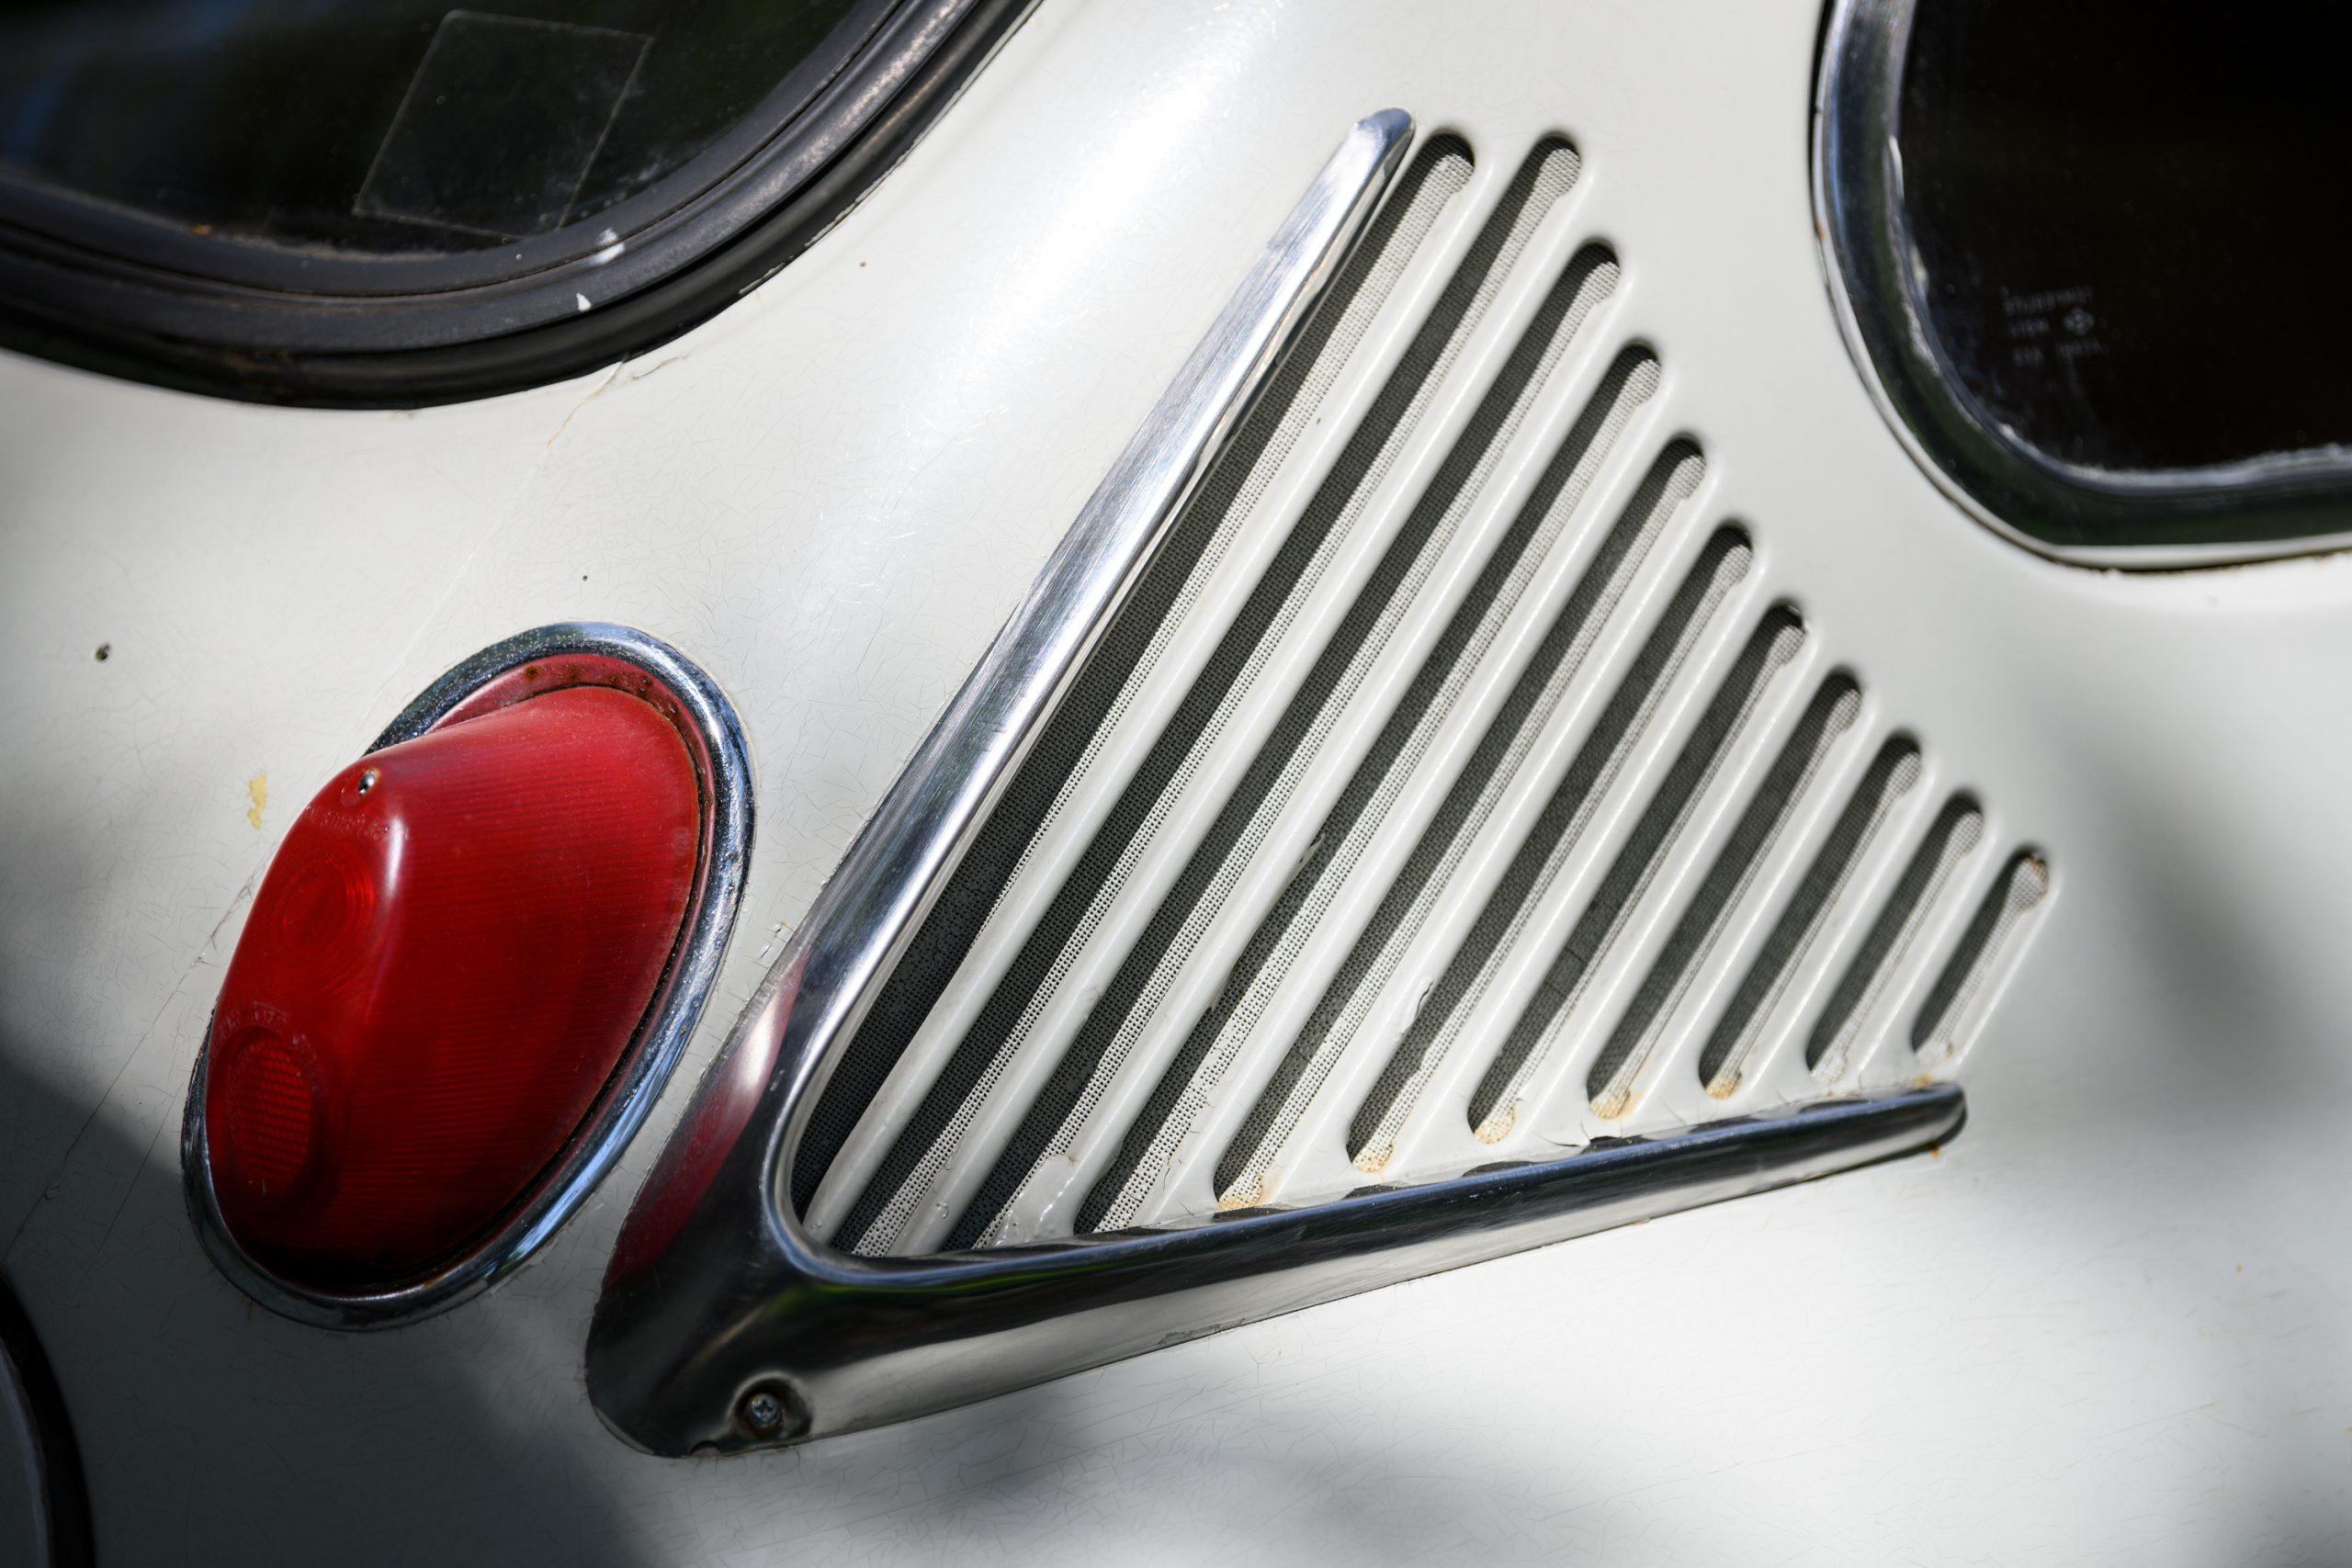 Subaru 360 vent detail